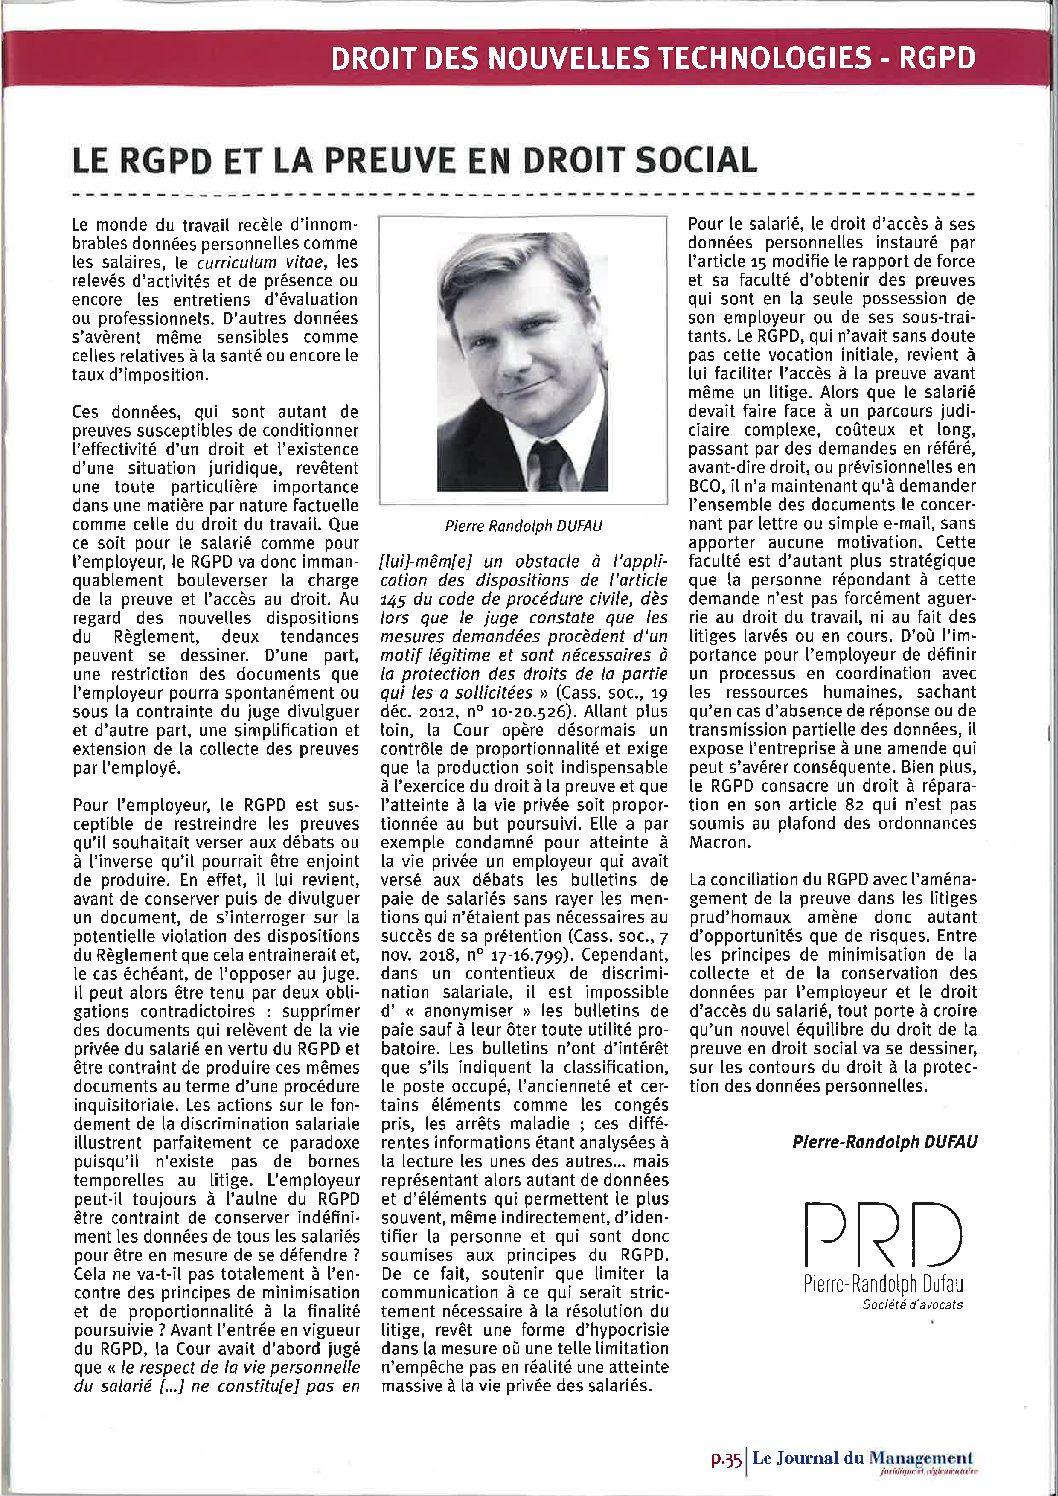 Le RGPD et la preuve en droit social